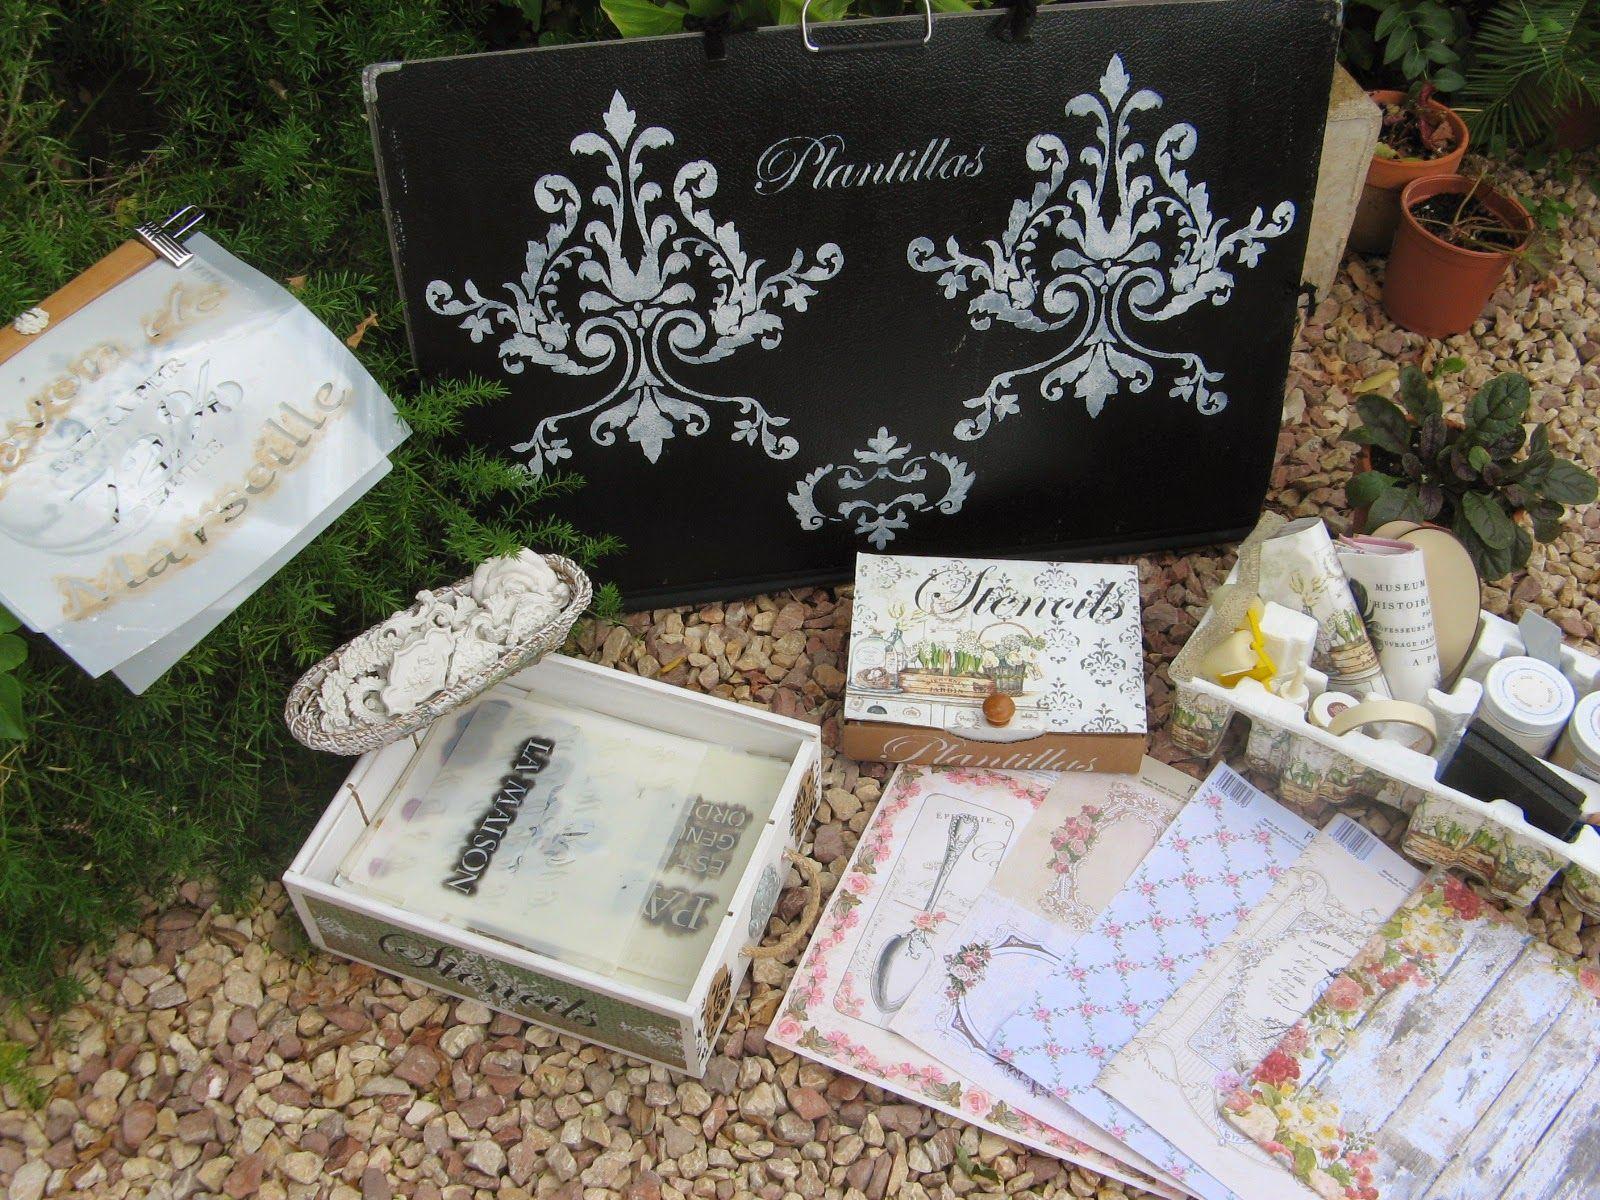 Carpeta decorada con estarcidos trabajos manualidades y bricolaje pinterest carpetas - Manualidades y bricolaje ...